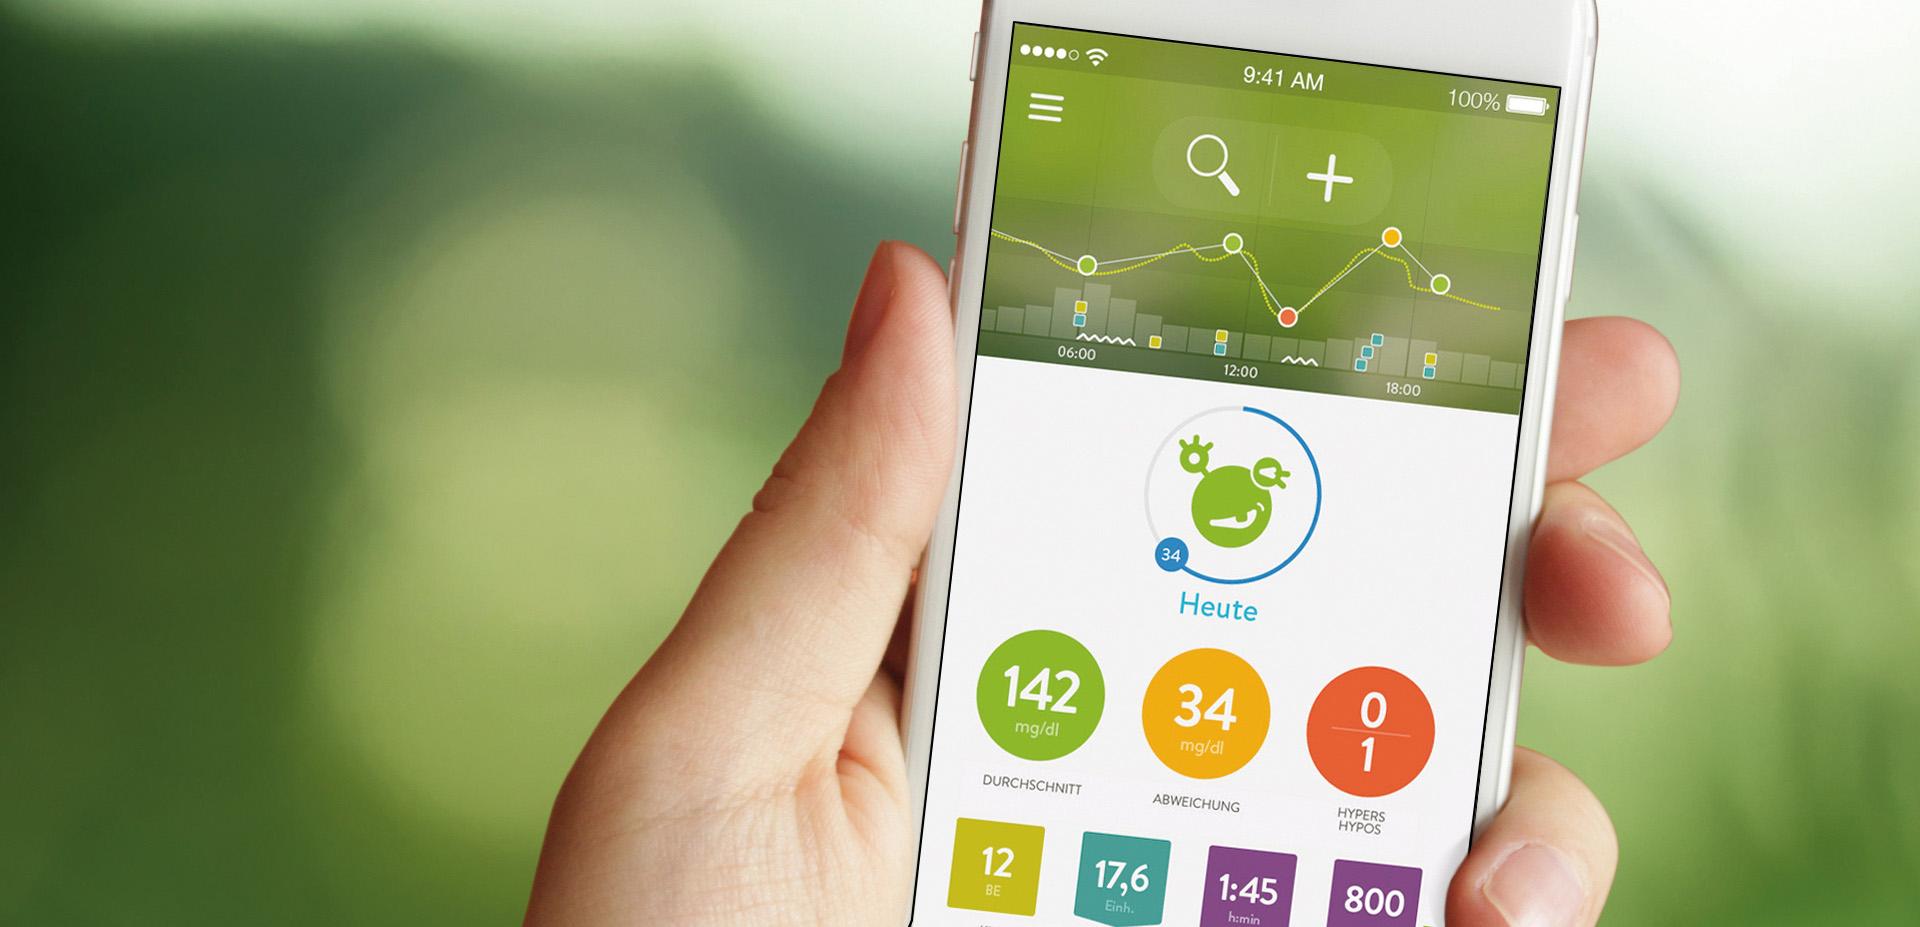 Das kostenlose Tagebuch begleitet durch den Alltag und soll die täglichen Diabetes-Herausforderungen zur Nebensache machen